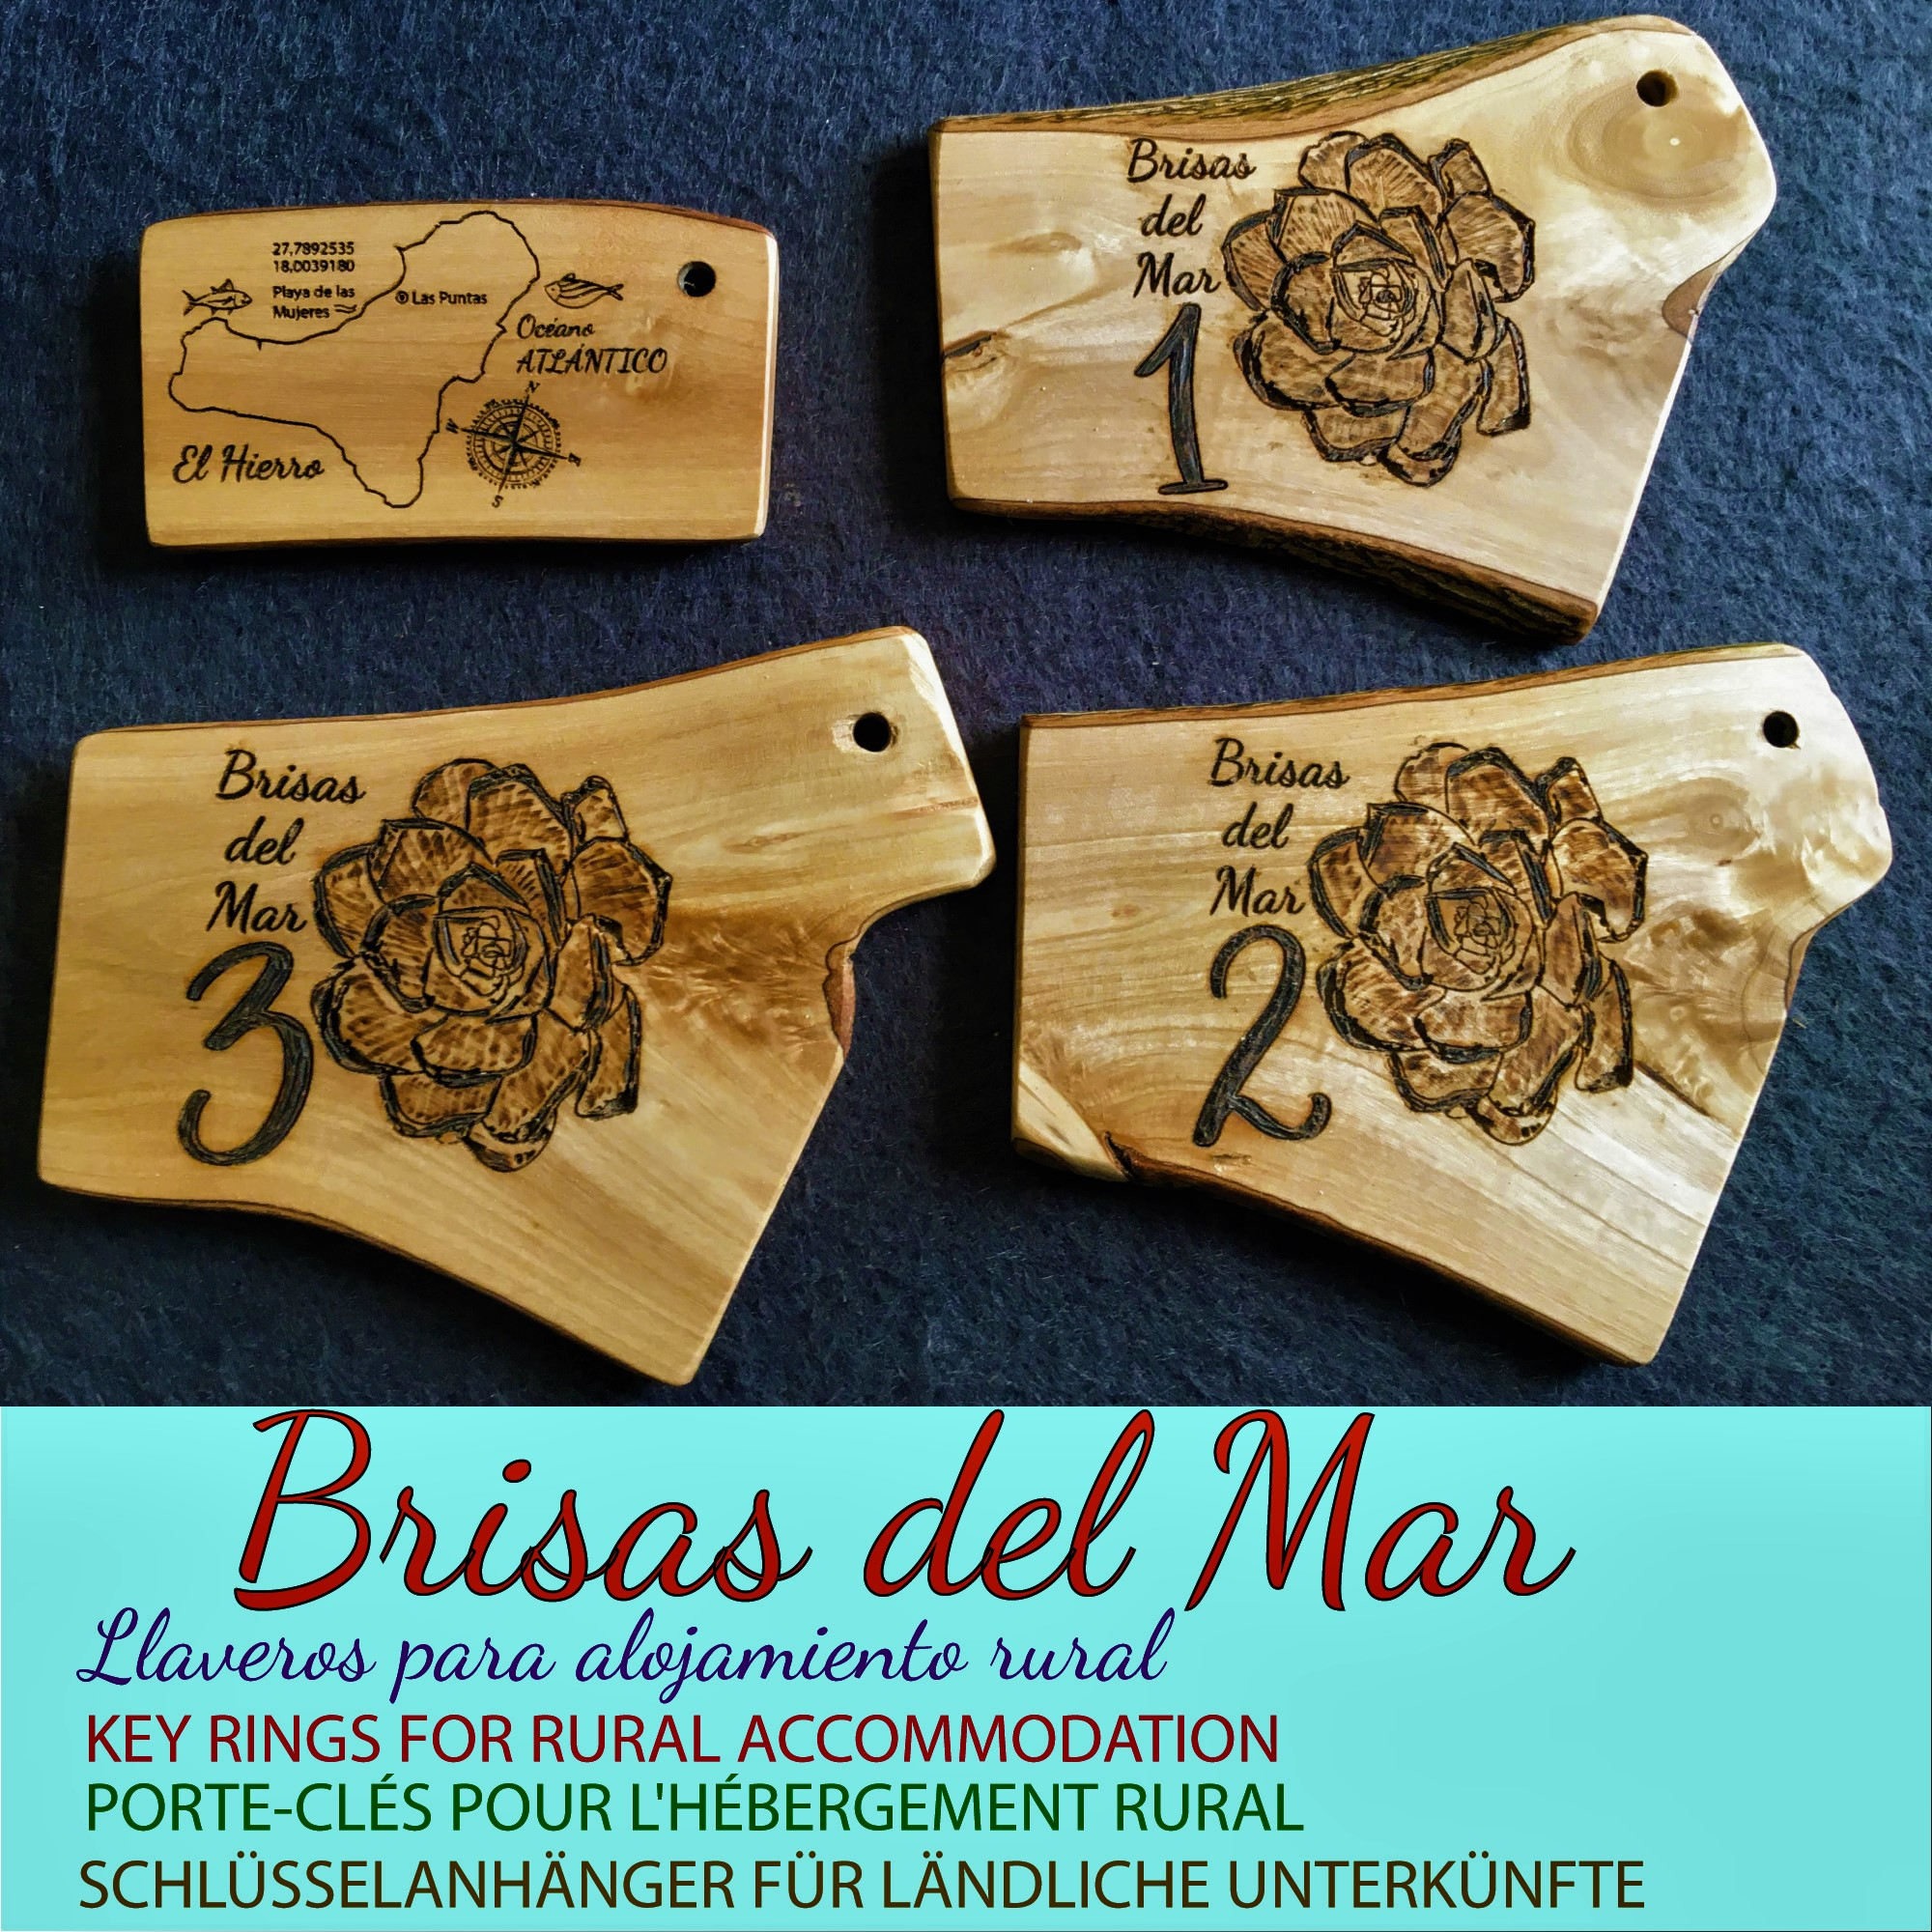 llaveros personalizados, personalized key rings, individuelle Schlüsselanhänger, porte-clés personnalisés, portachiavi personalizzati